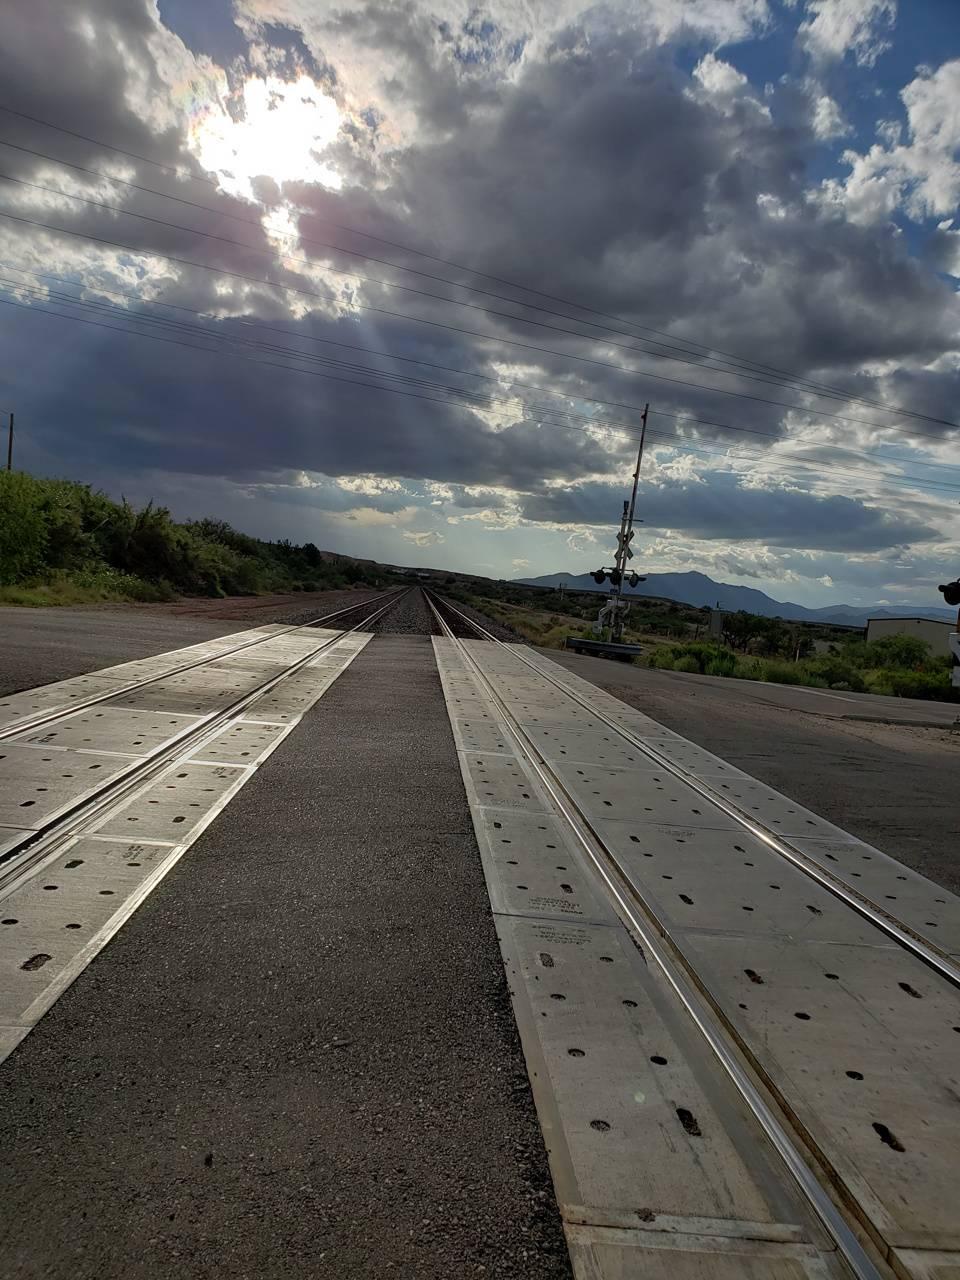 Railroad sun set